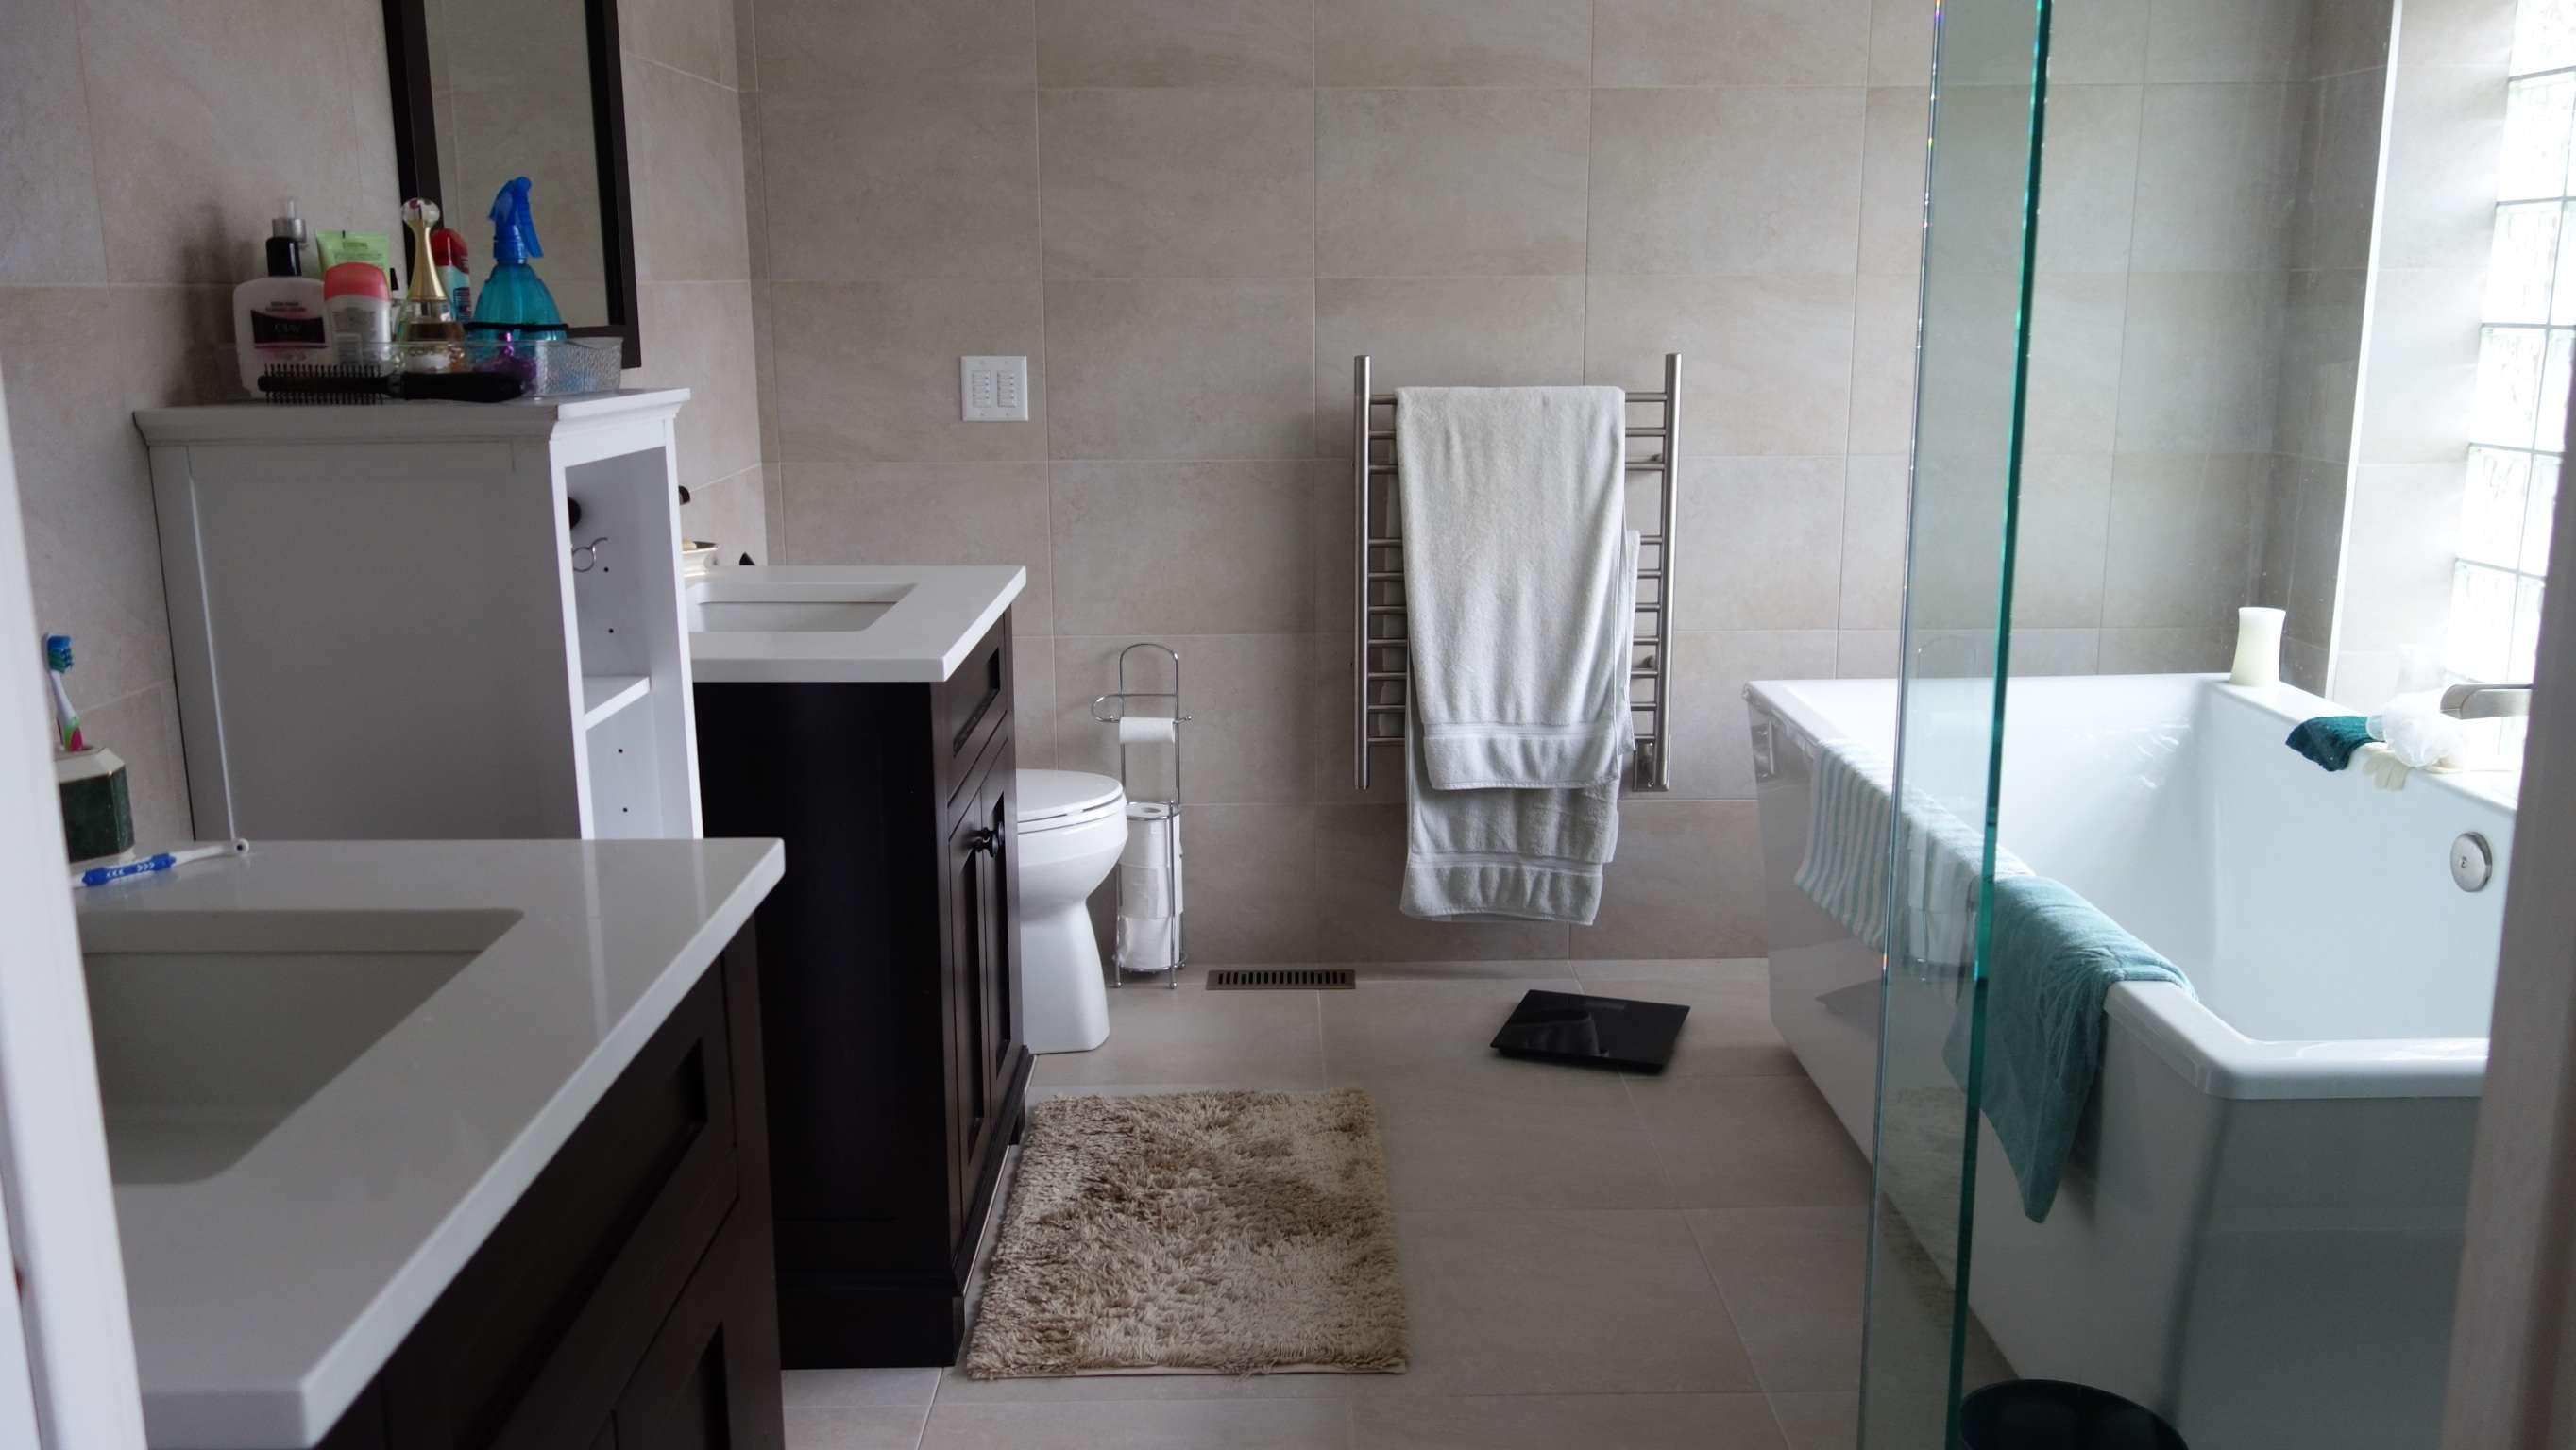 Bathroom Renovations Designs Contractor South Surrey